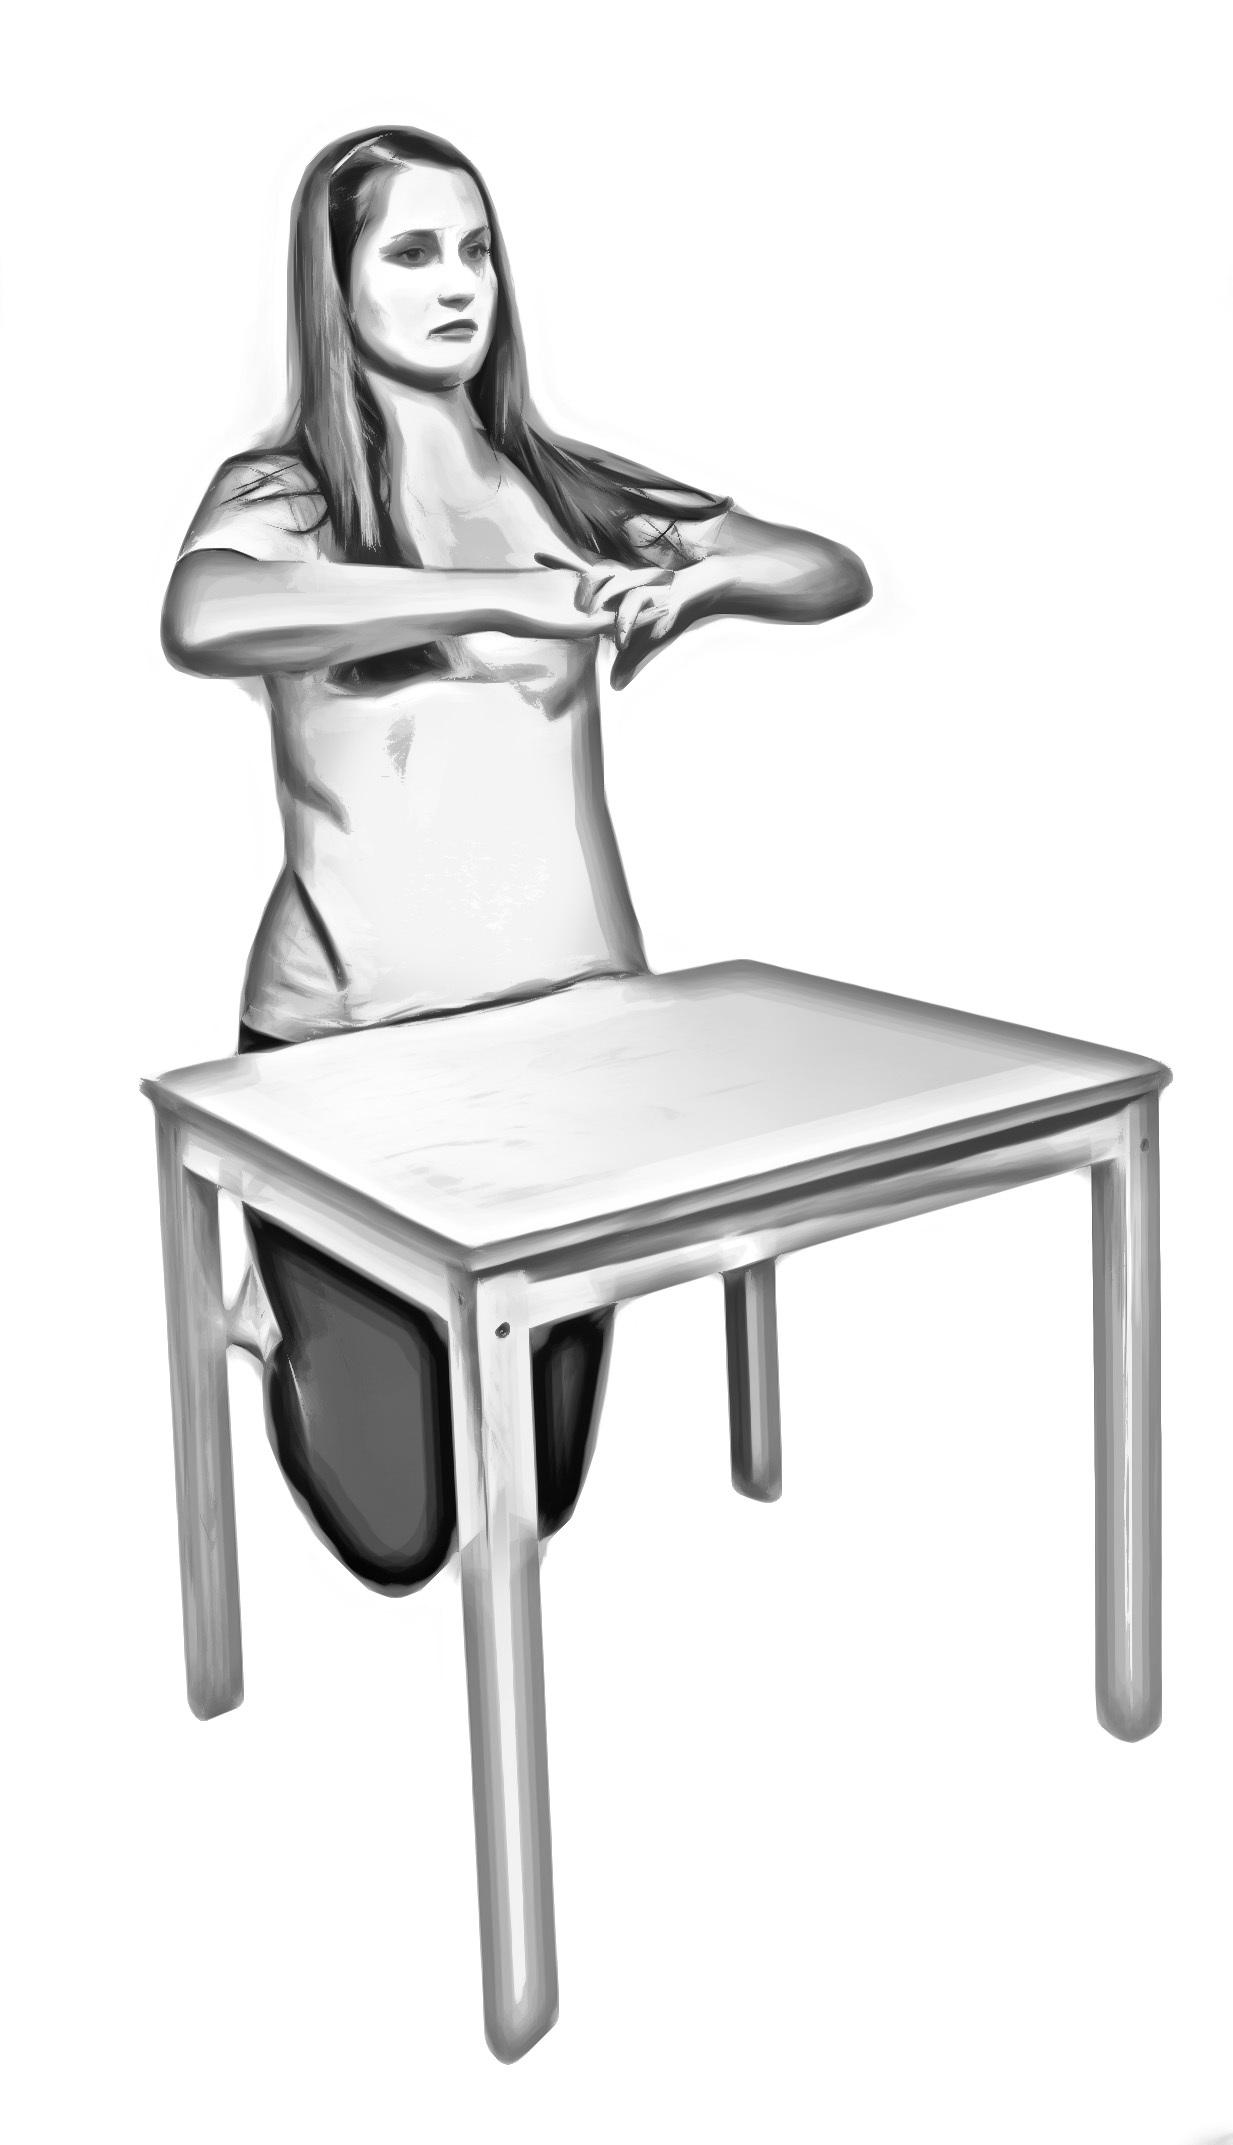 Боли в руках при работе за компьютером. Часть 5. Синдром запястного канала - 4